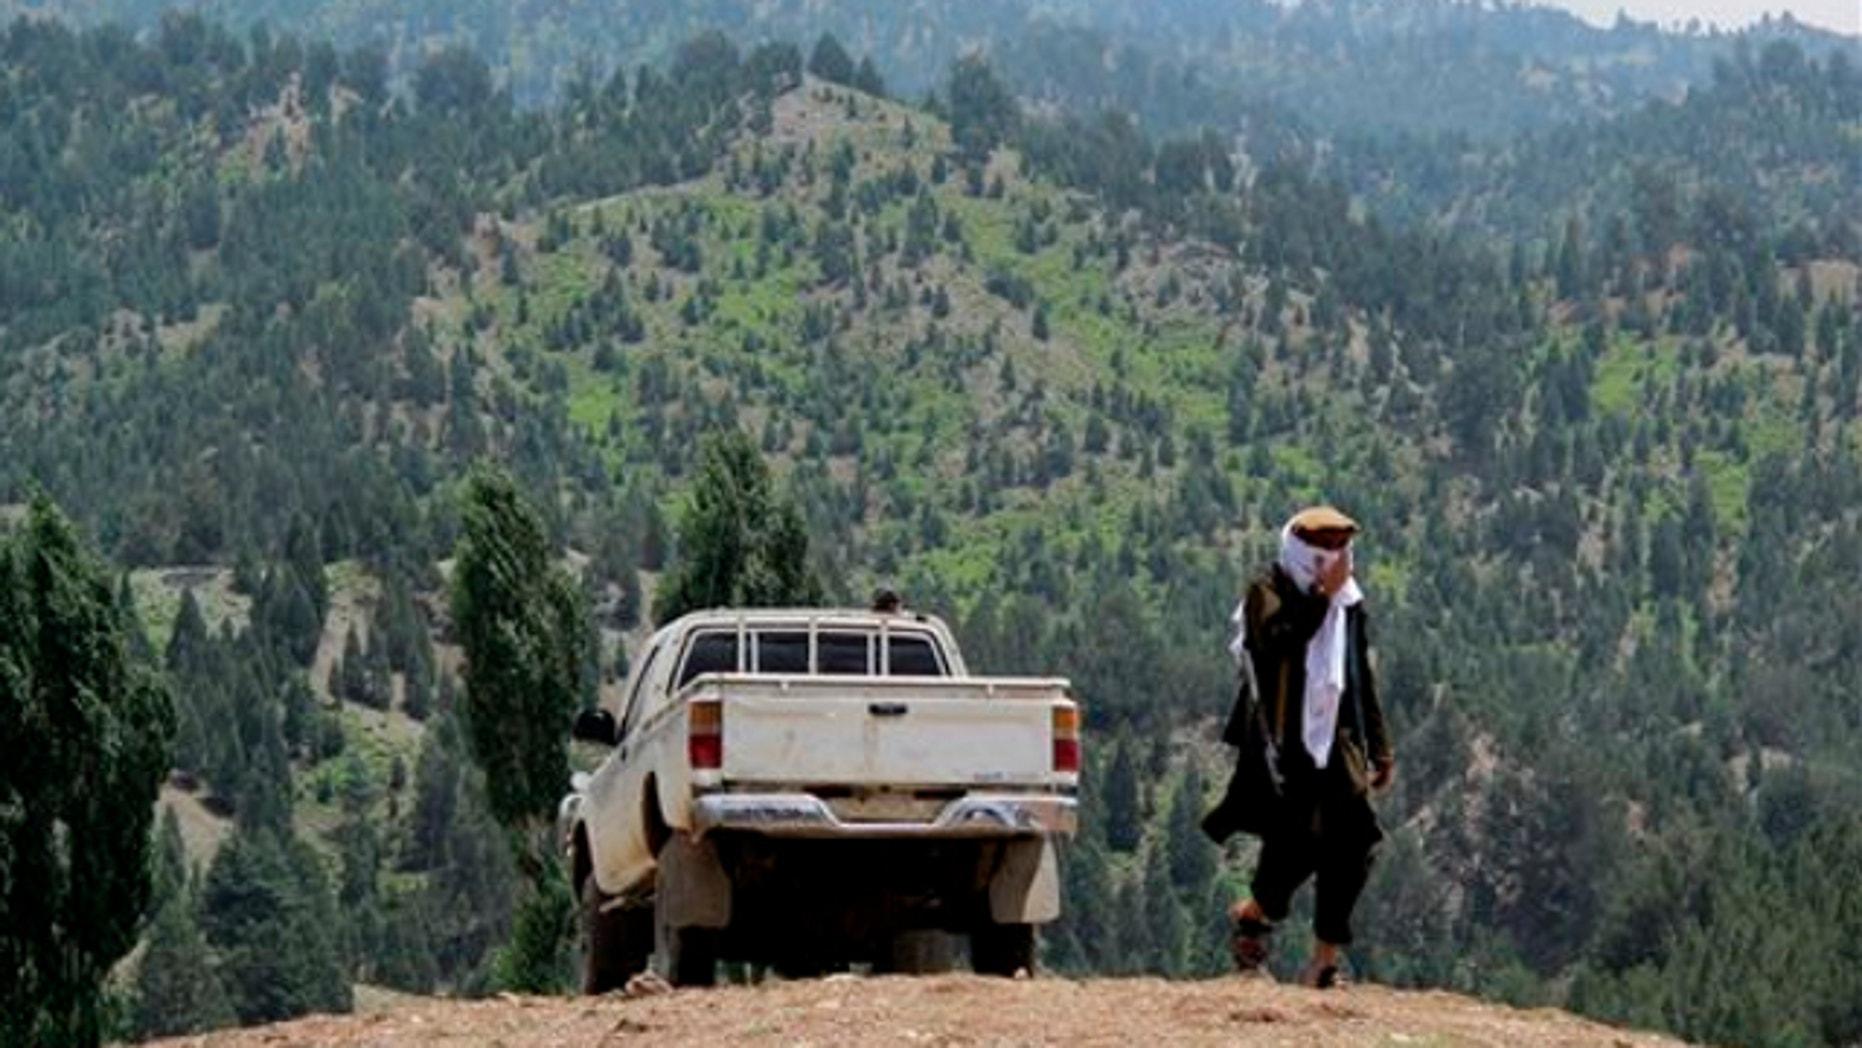 FILE: Aug. 12, 2013: A Pakistani Taliban militant walks in Shawal in Pakistani tribal region of North Waziristan.